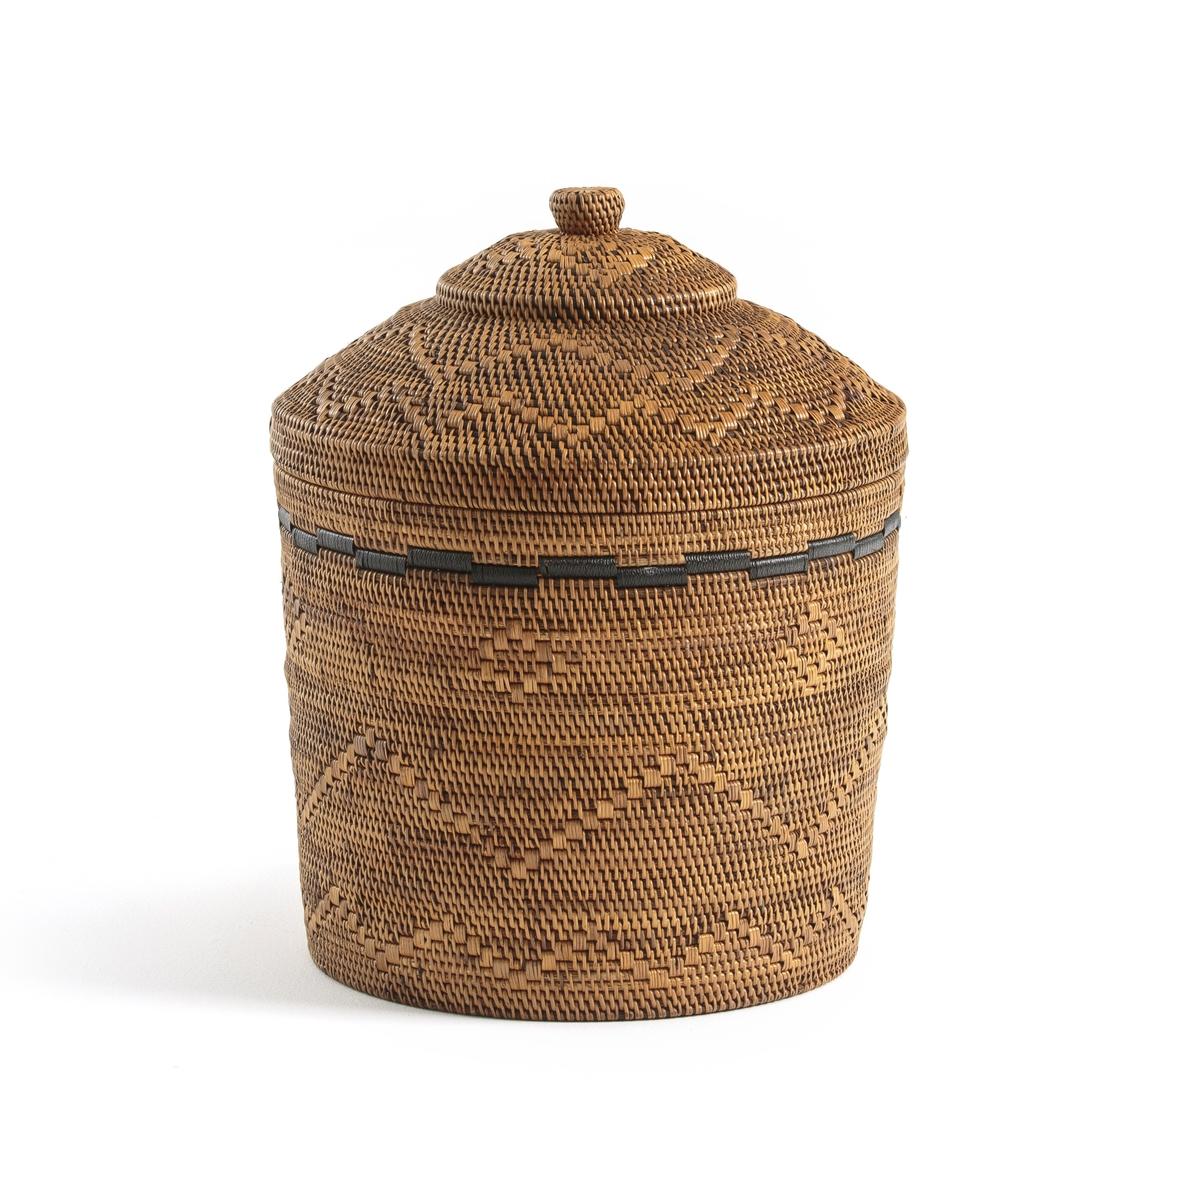 Корзина La Redoute x В см бамбук и плетеный ротанг Brazil единый размер каштановый цена